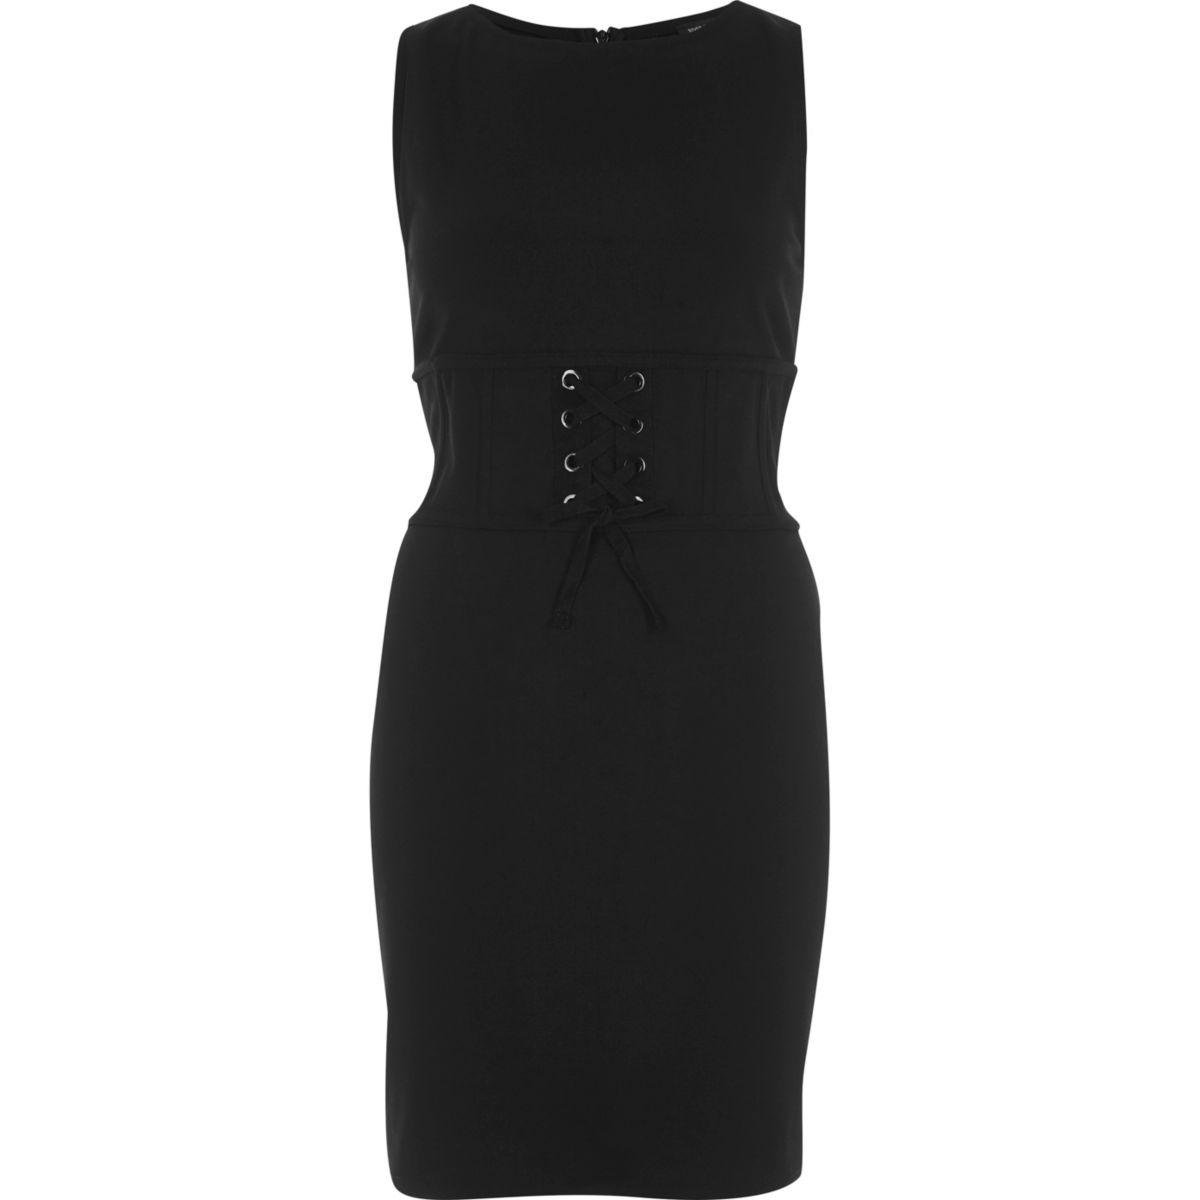 Robe moulante noire style corset